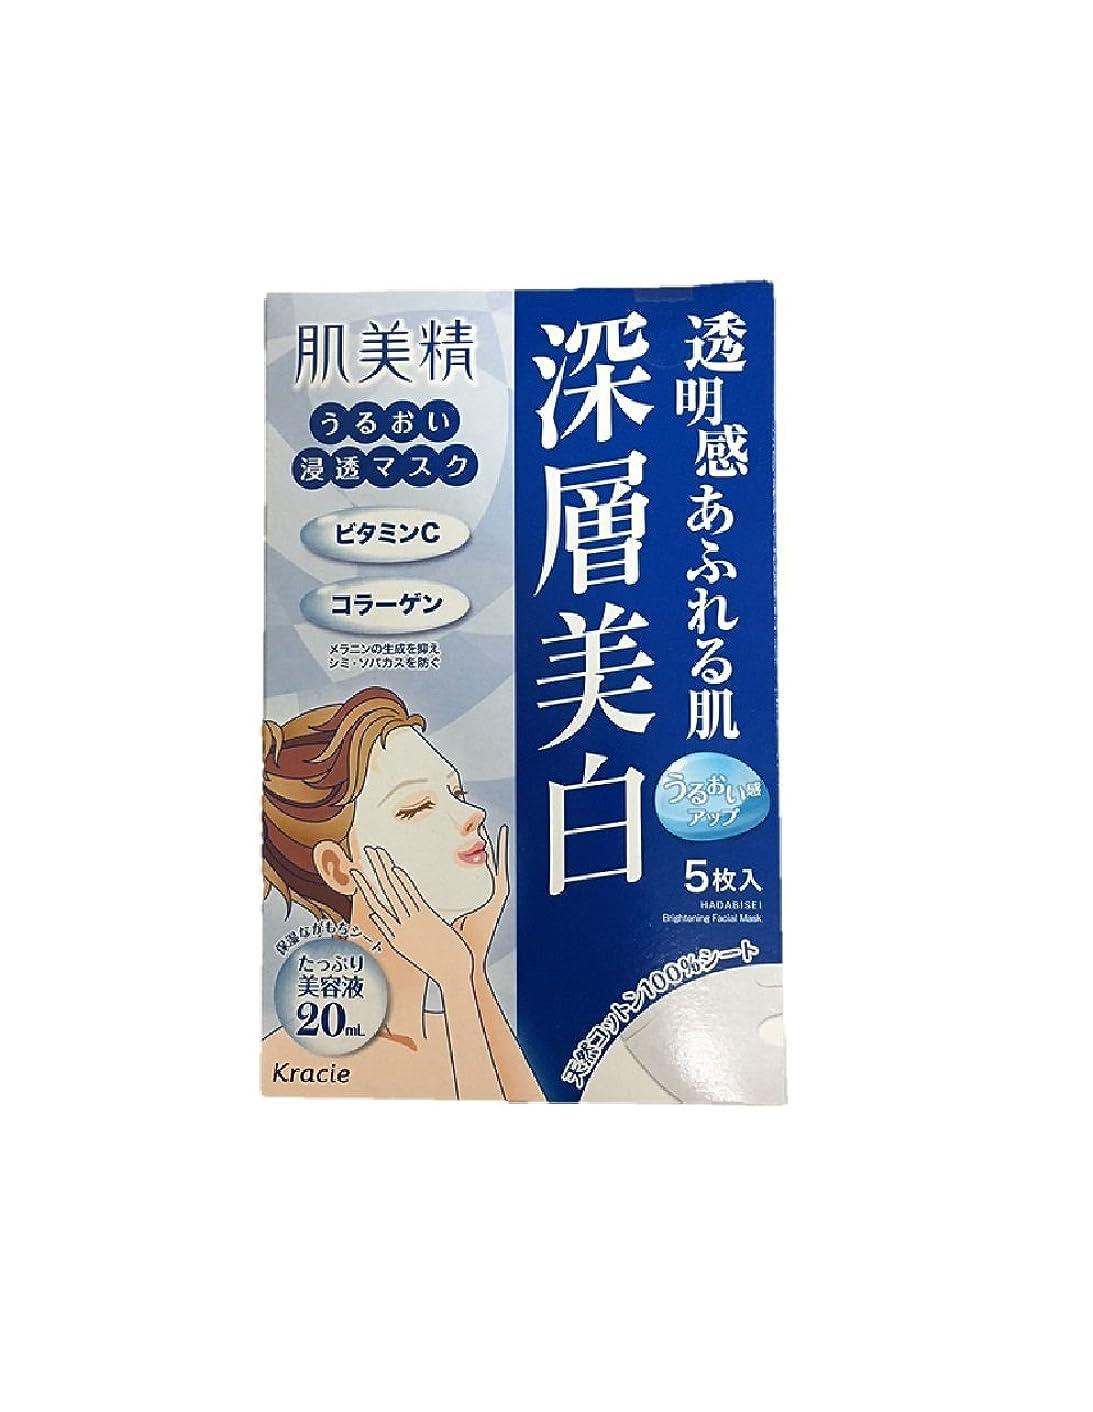 ジュニア役立つ先のことを考える【セット】 クラシエホームプロダクツ 肌美精 うるおい浸透マスク (深層美白) 5枚入 (美容液20mL/1枚) 5個セット